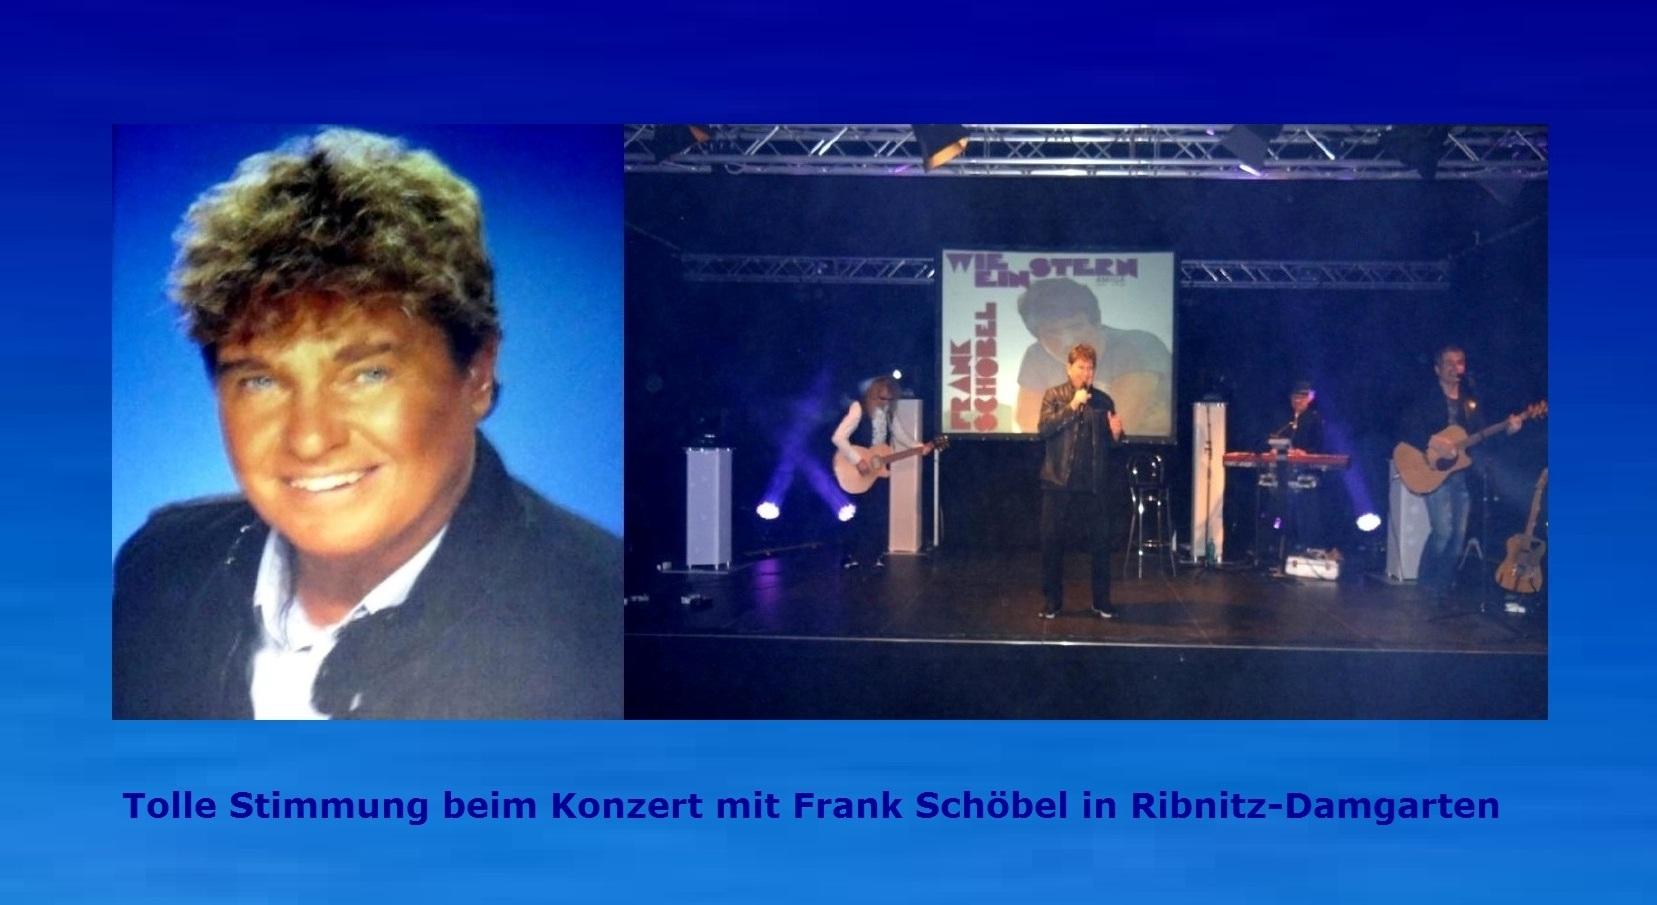 Tolle Stimmung beim Konzert 'HIT auf HIT' mit  Frank Schöbel am 6. Januar 2019 im Begegnungszentrum Ribnitz-Damgarten. Fotos: Eckart Kreitlow